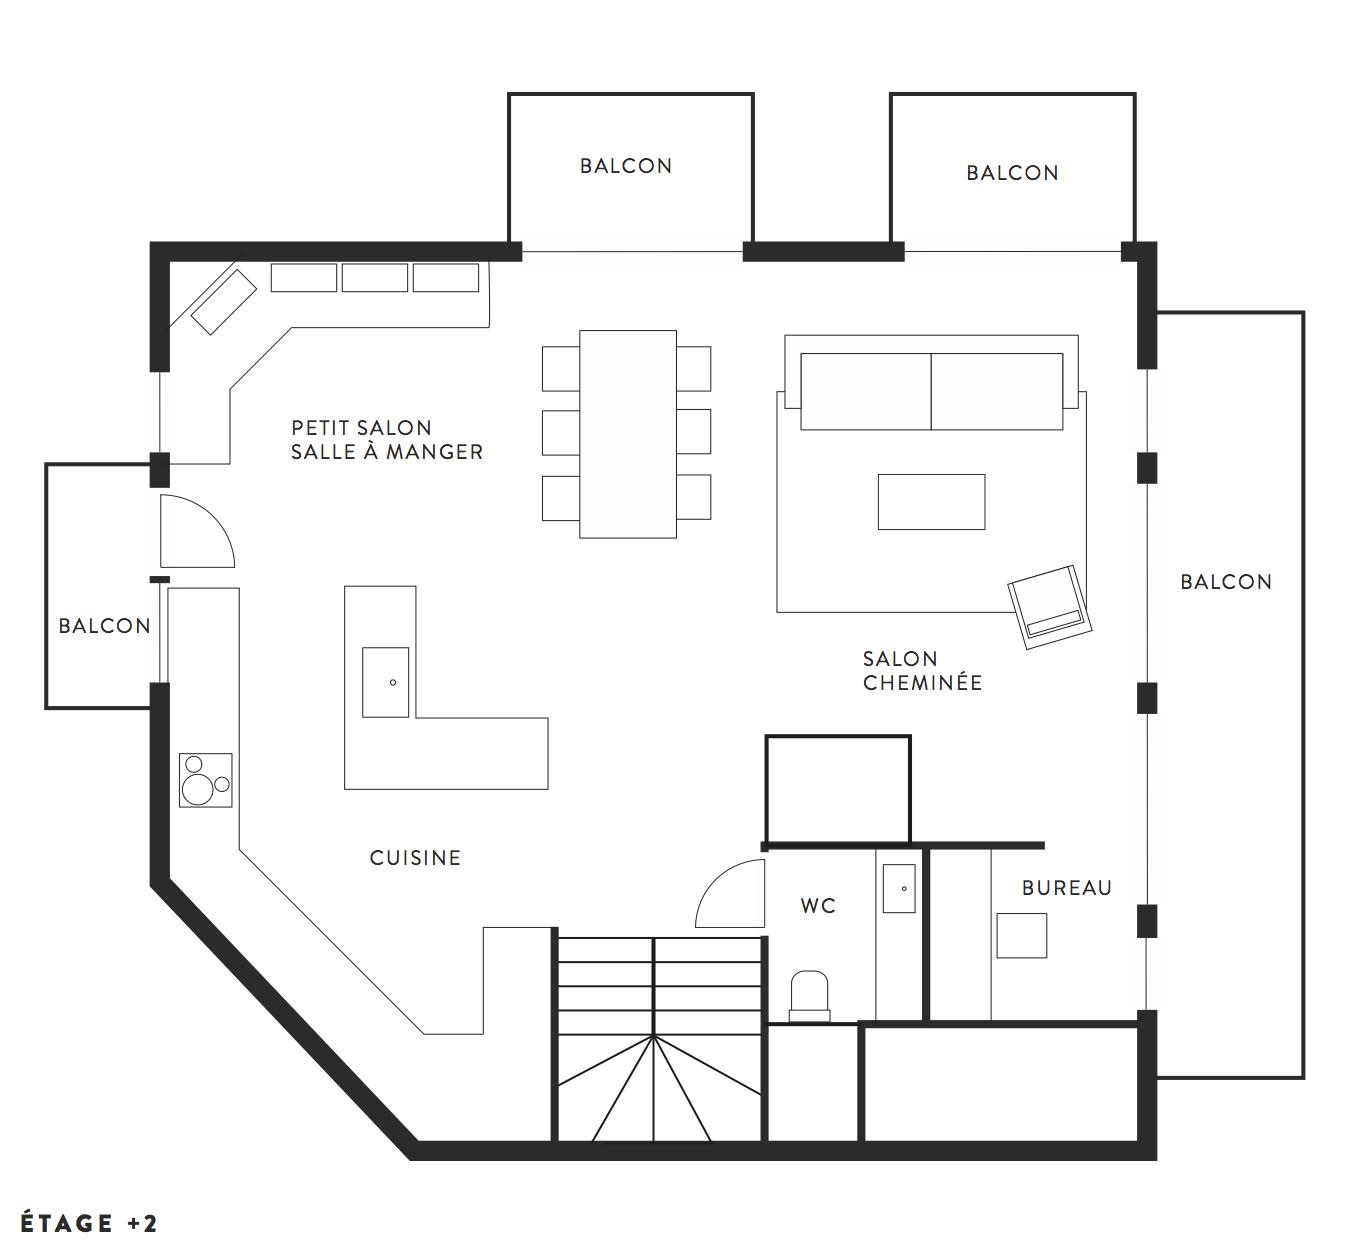 etage2-montanum-bumper-immobilier-chalet-courchevel.png